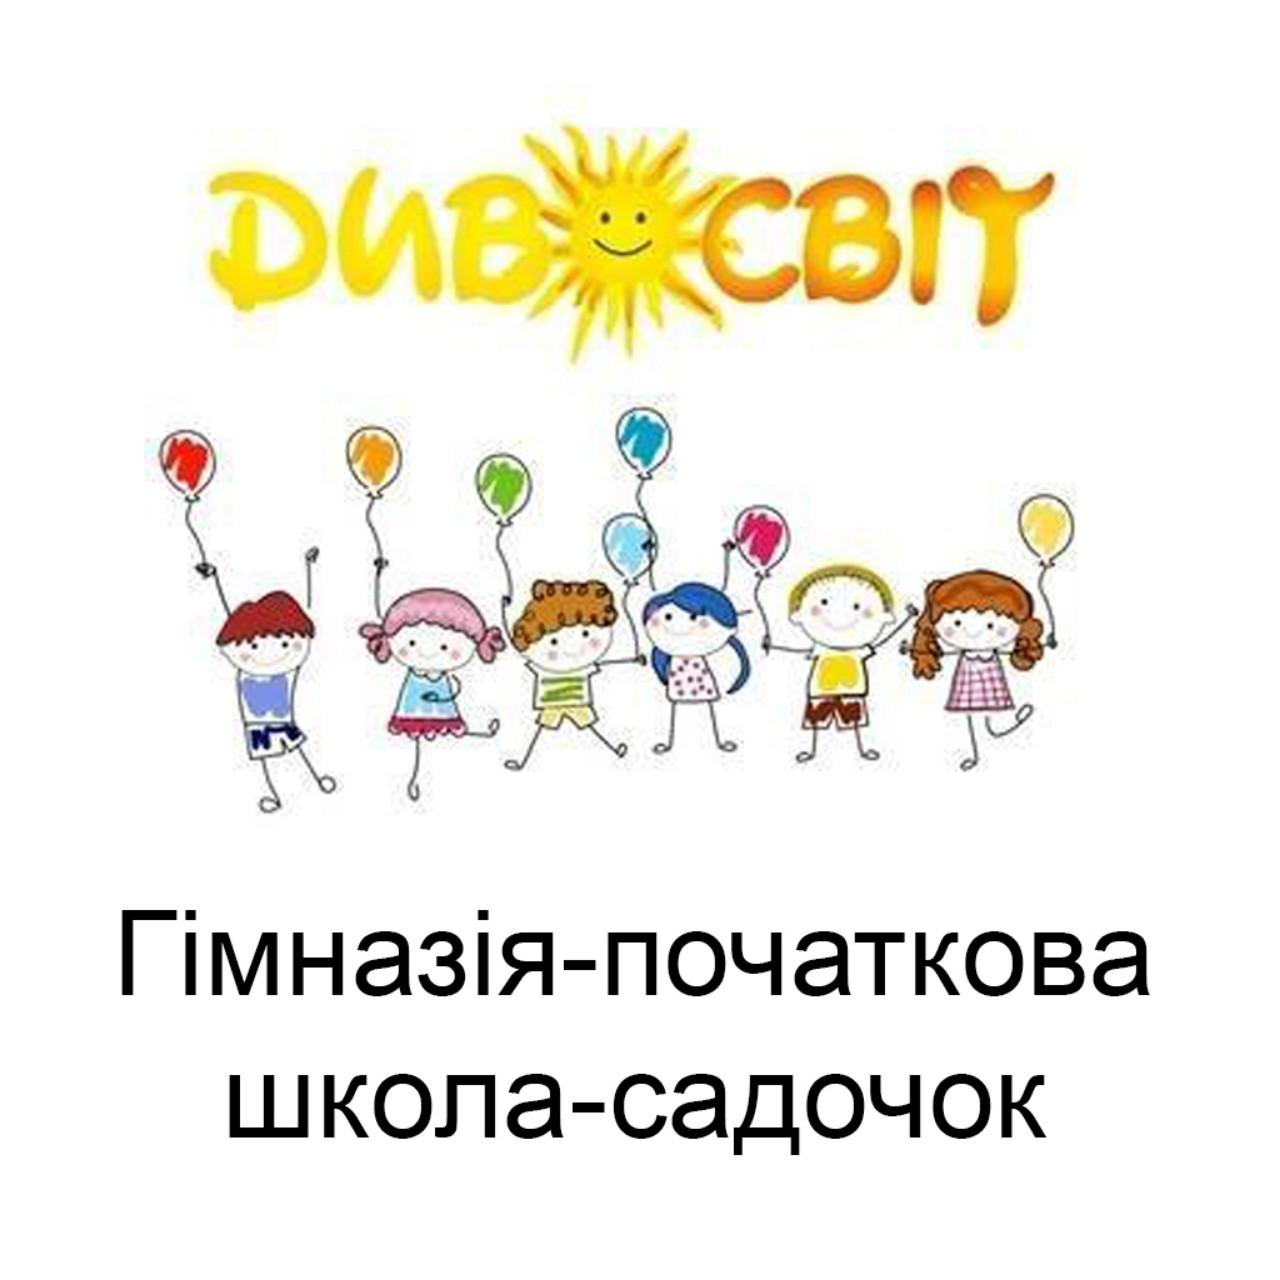 Гімназія-початкова школа- садочок «Дивосвіт» м.Львів